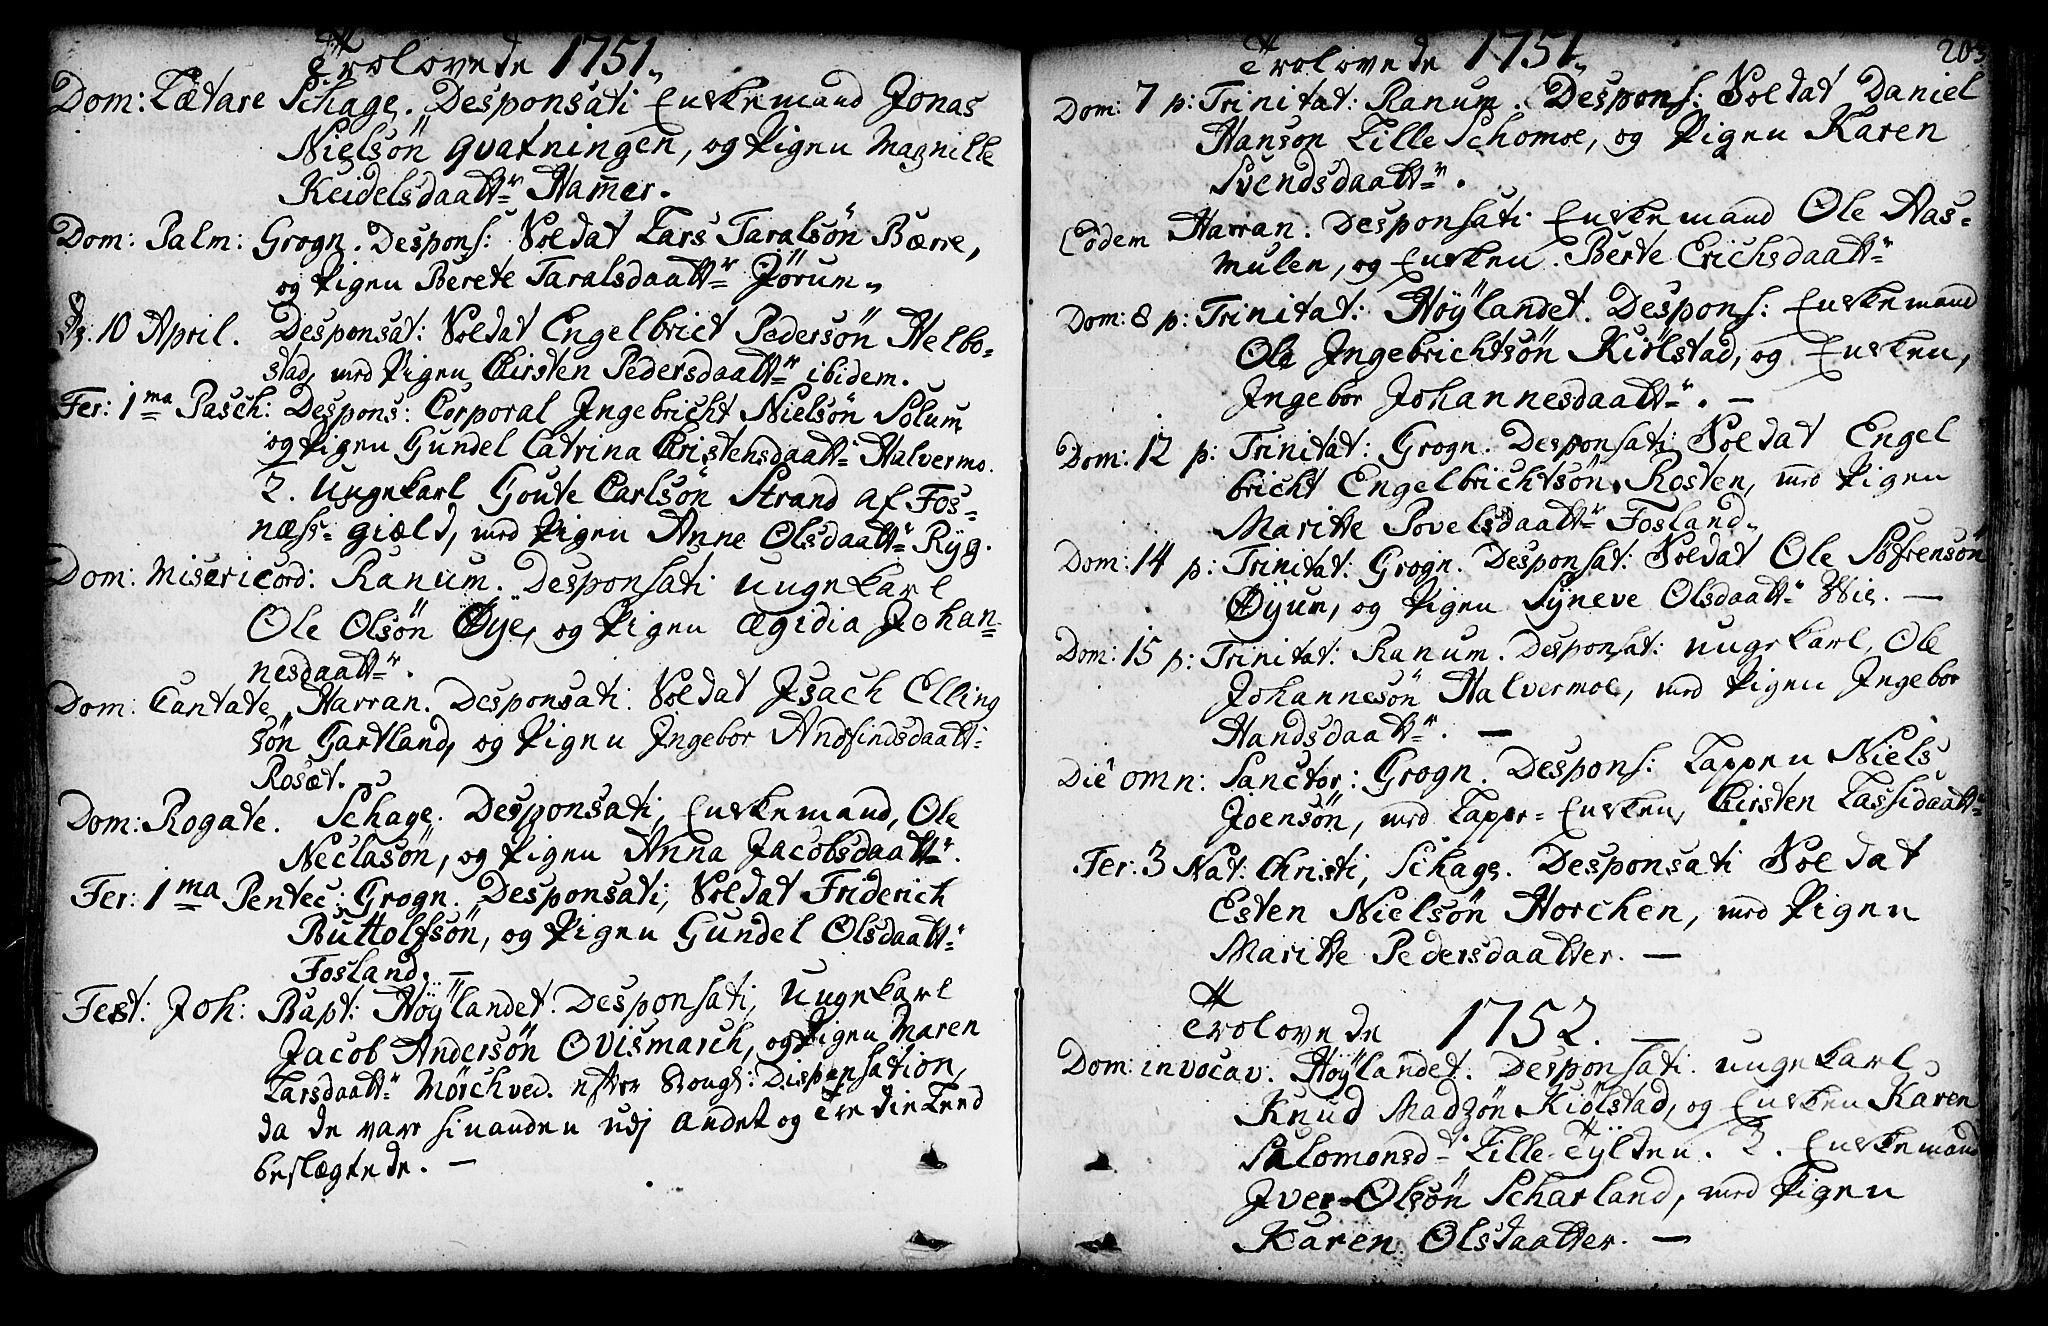 SAT, Ministerialprotokoller, klokkerbøker og fødselsregistre - Nord-Trøndelag, 764/L0542: Ministerialbok nr. 764A02, 1748-1779, s. 203